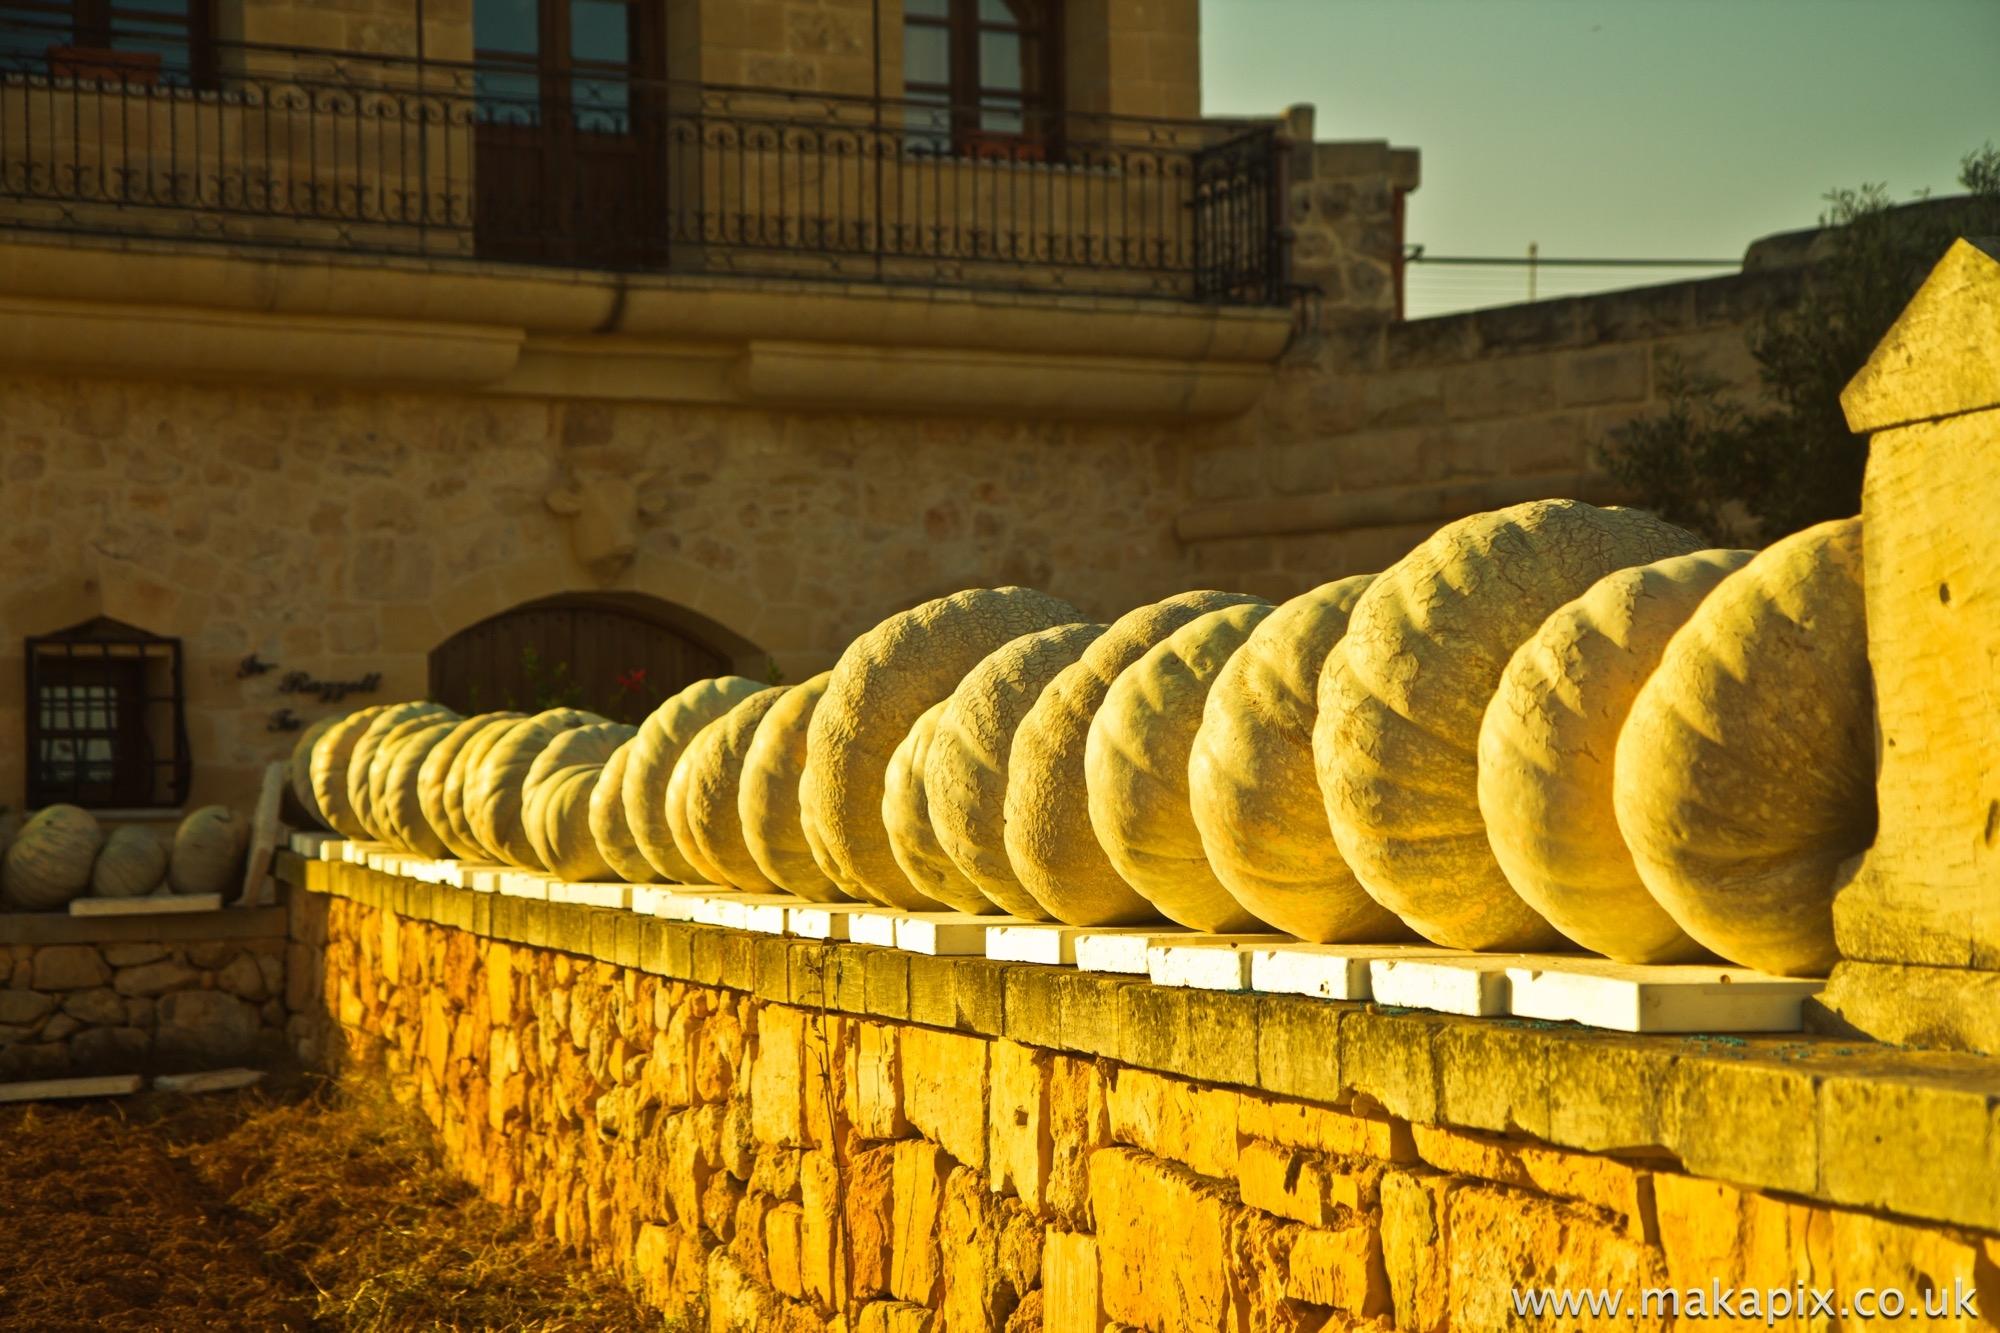 Malta-pumpkins 2014